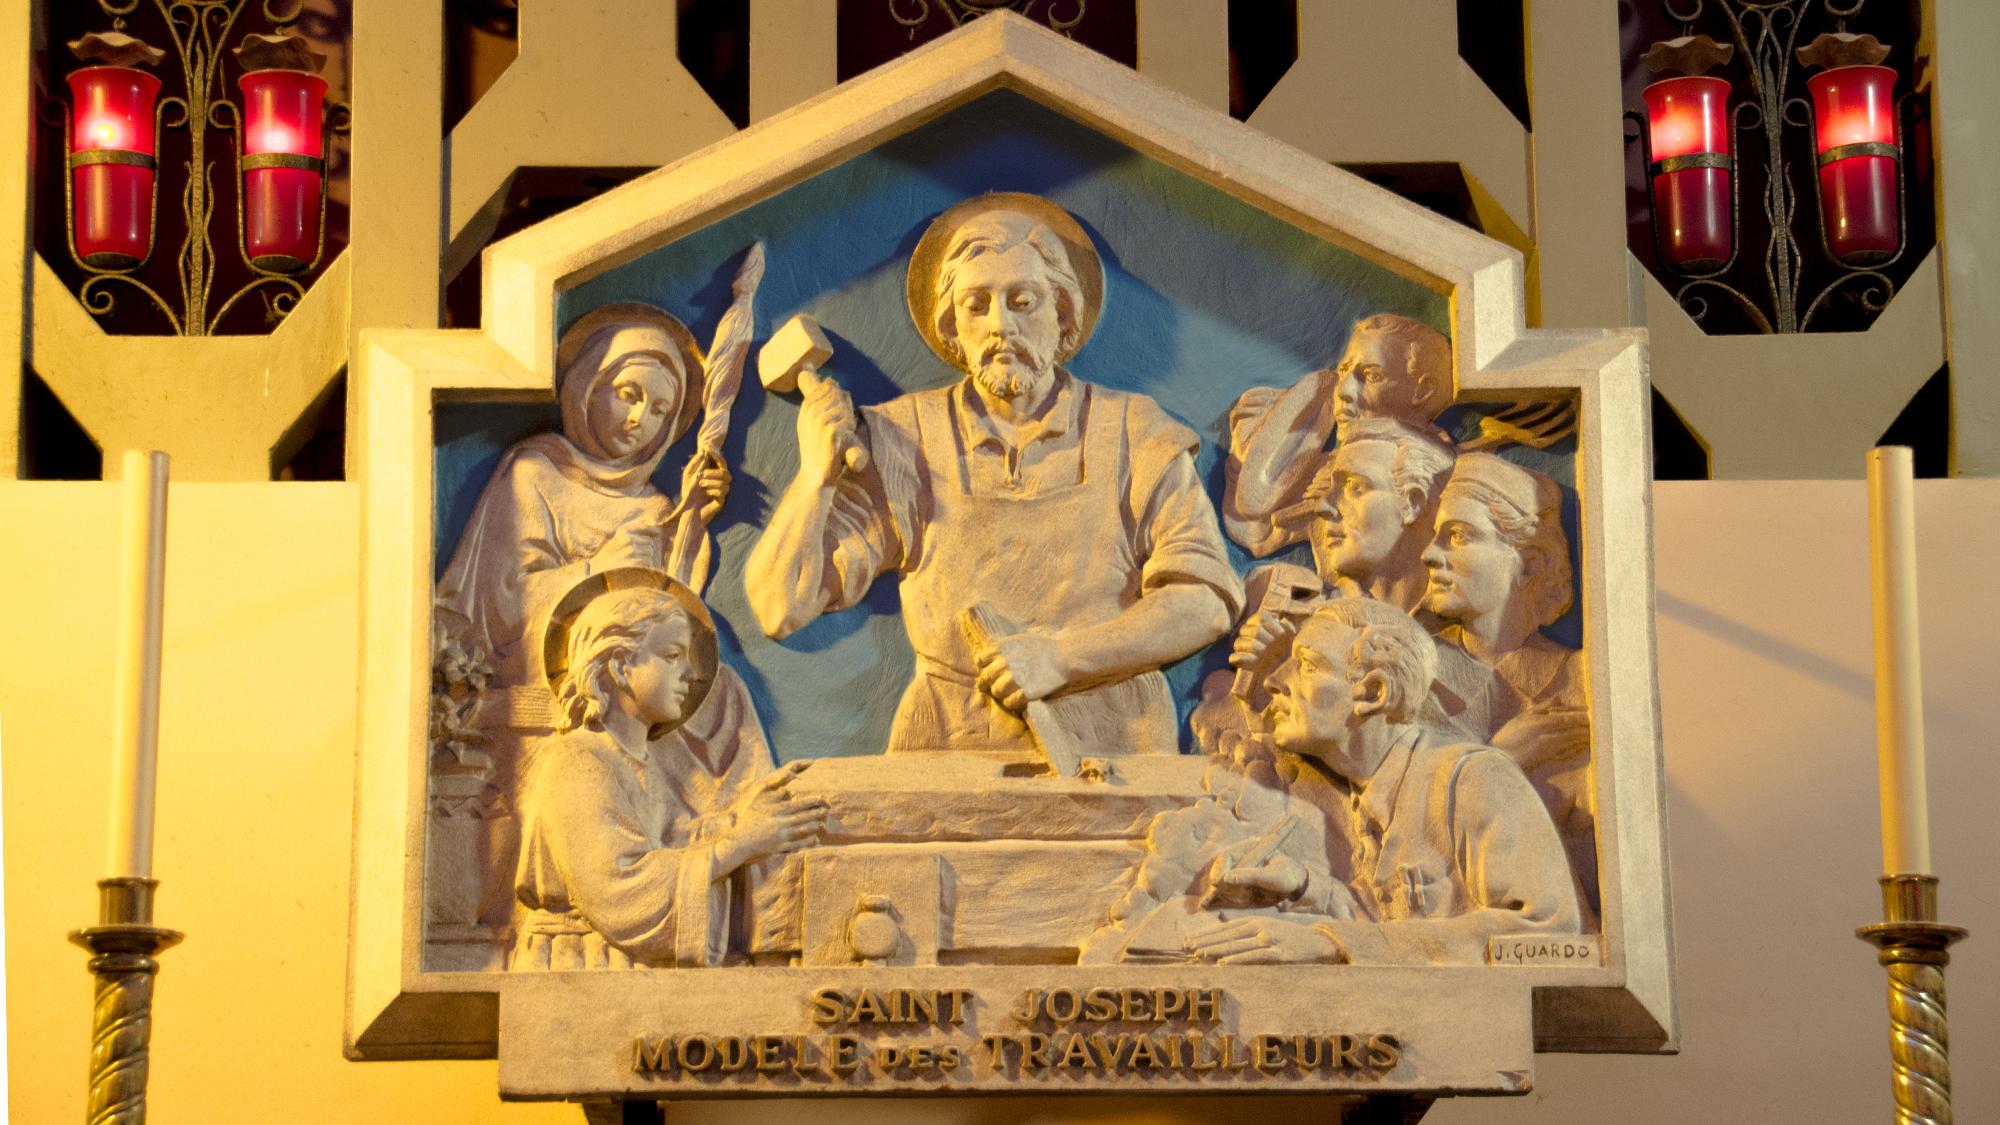 Joseph le charpentier